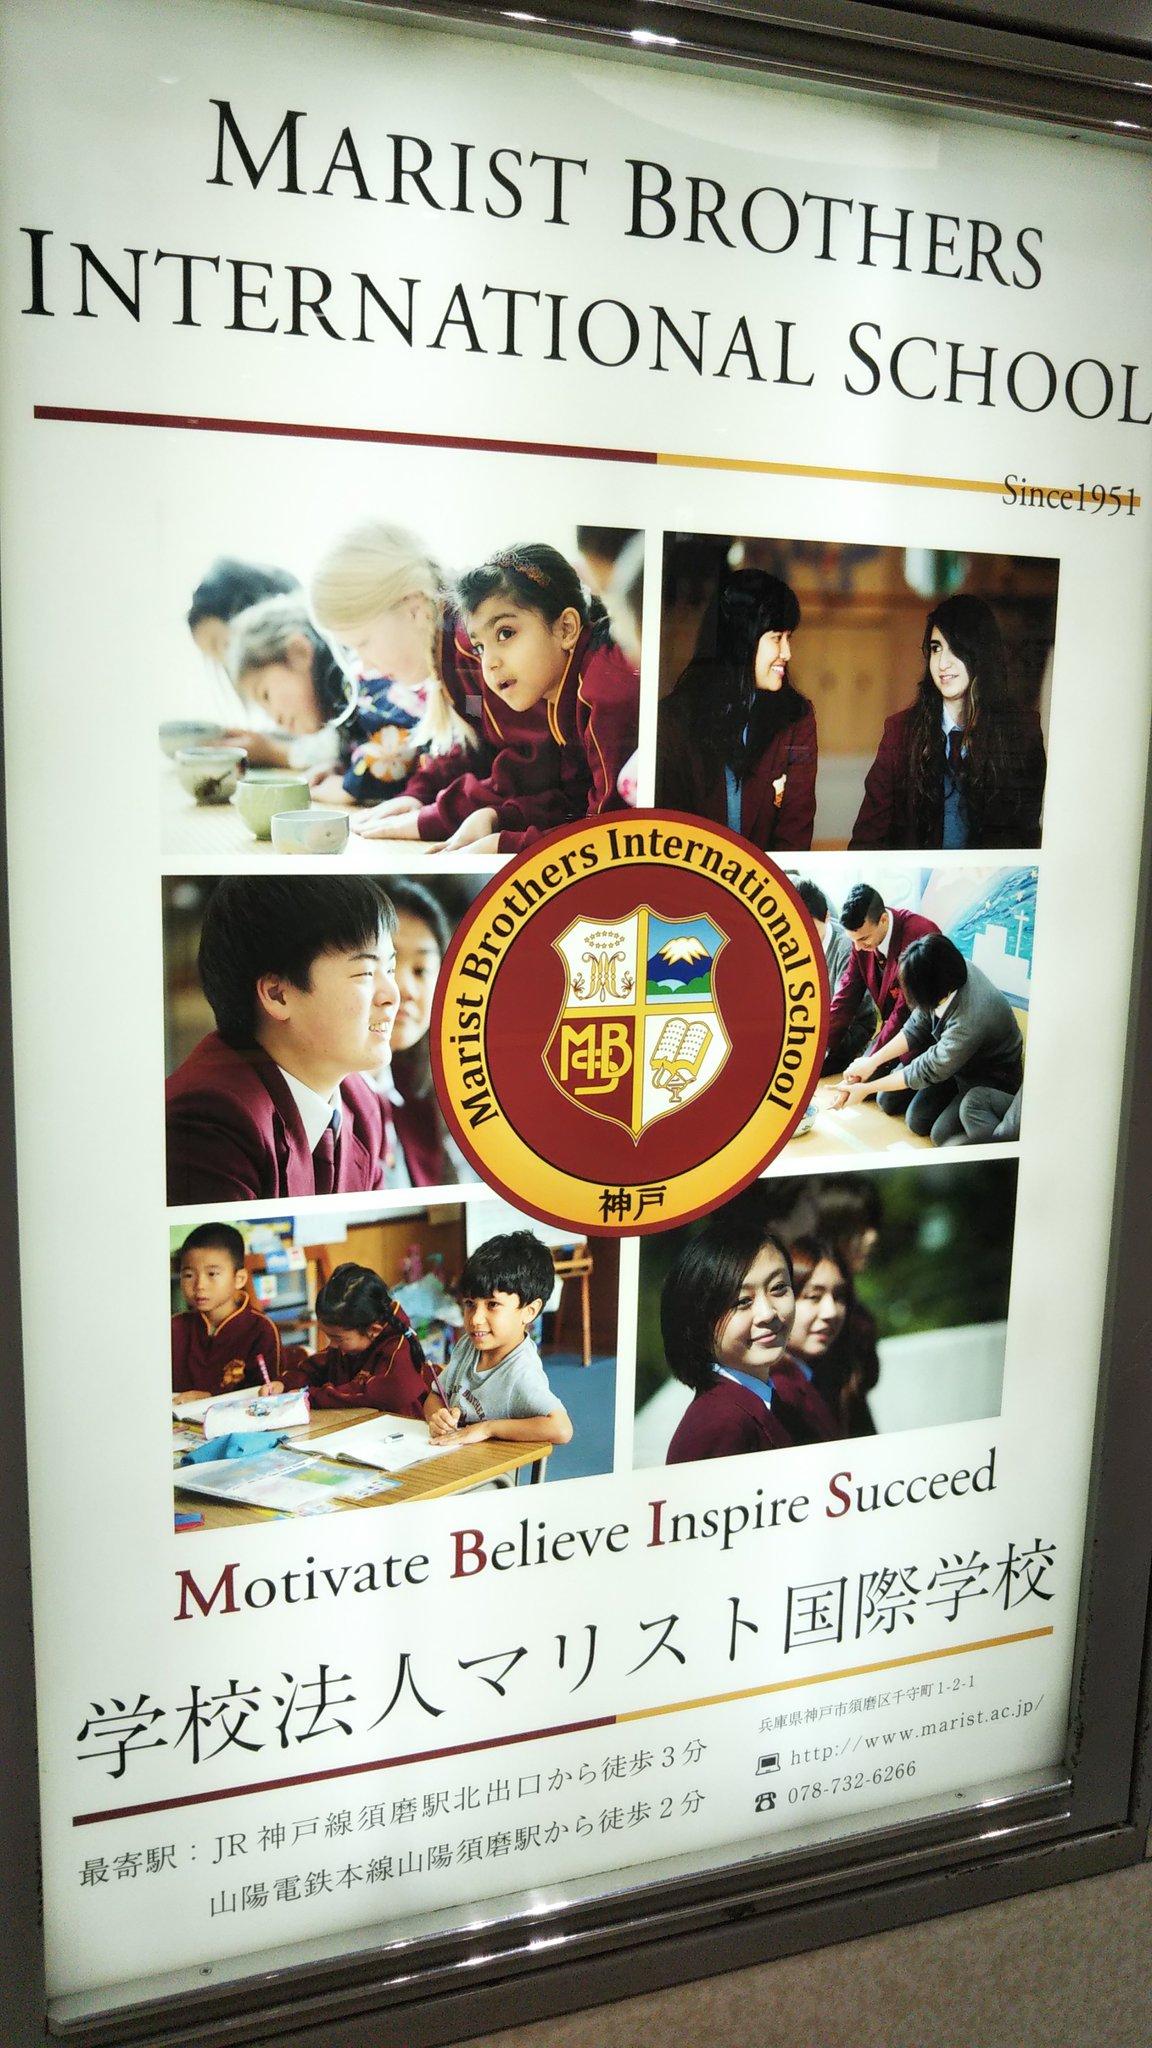 国際 学校 マリスト